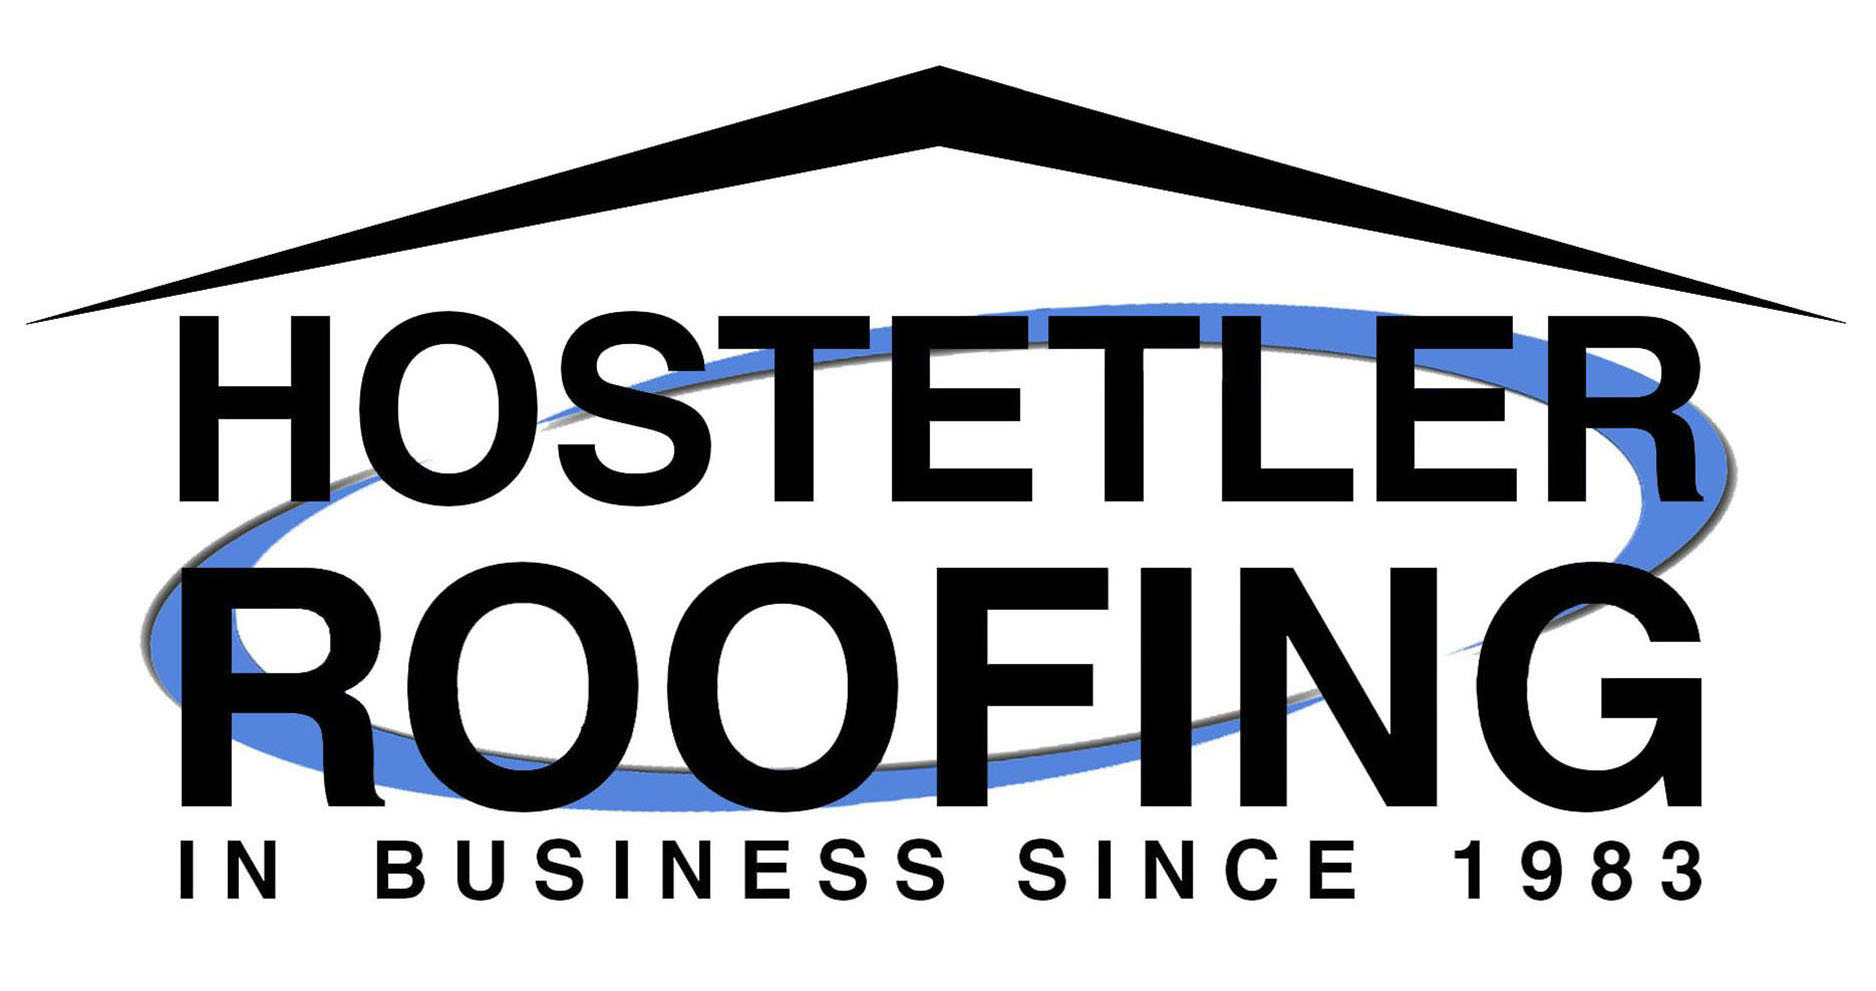 Hostetler Roofing Yp Com